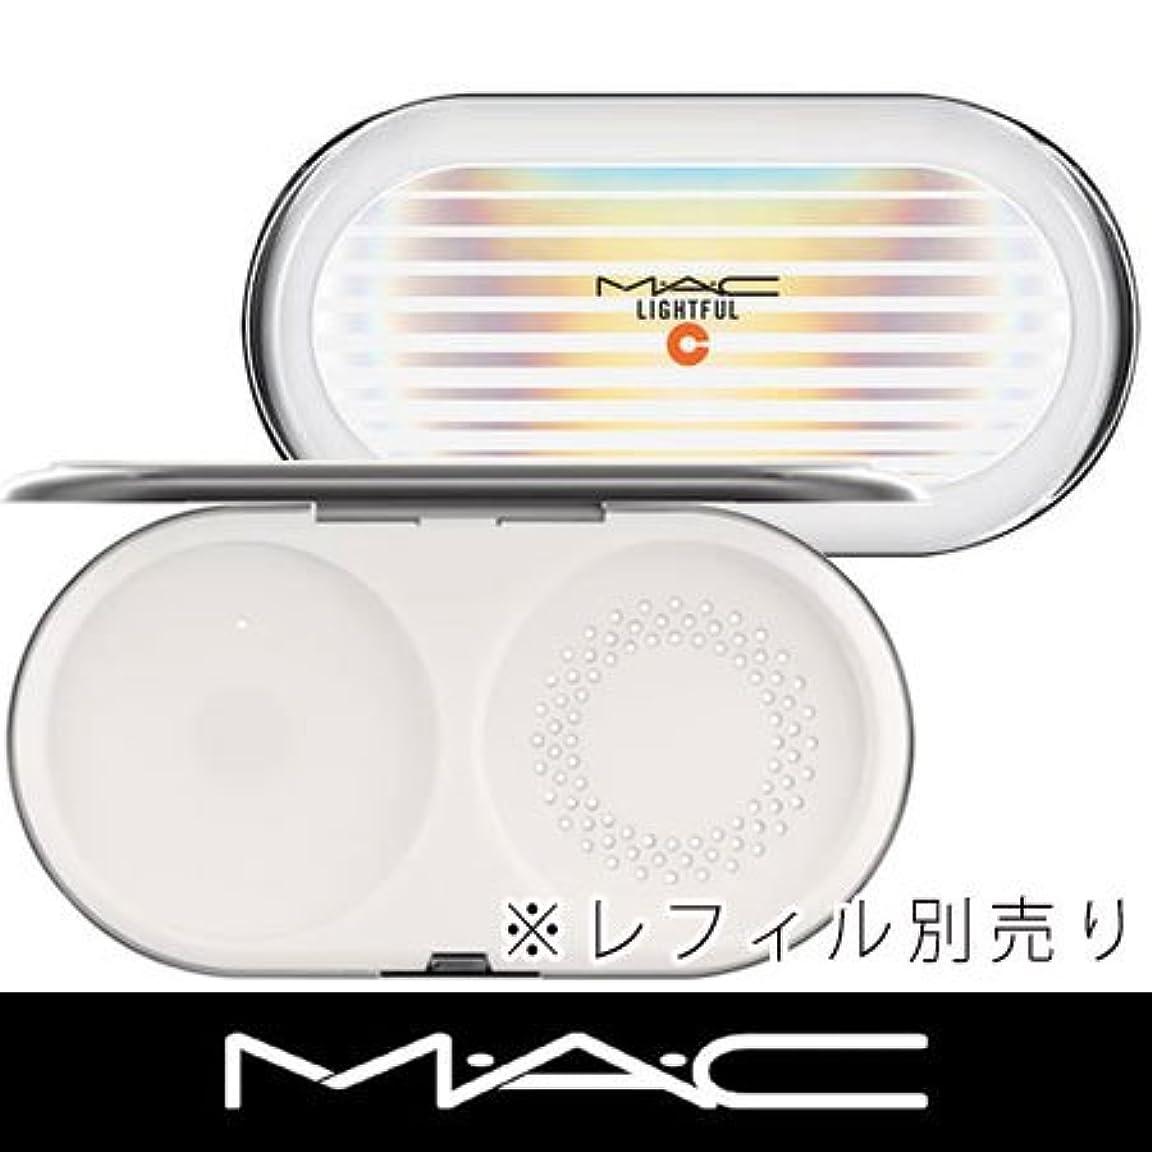 ヘッジパット保存マック ライトフル C+ SPF 30 ファンデーション (ケースのみ) -M?A?C MAC-